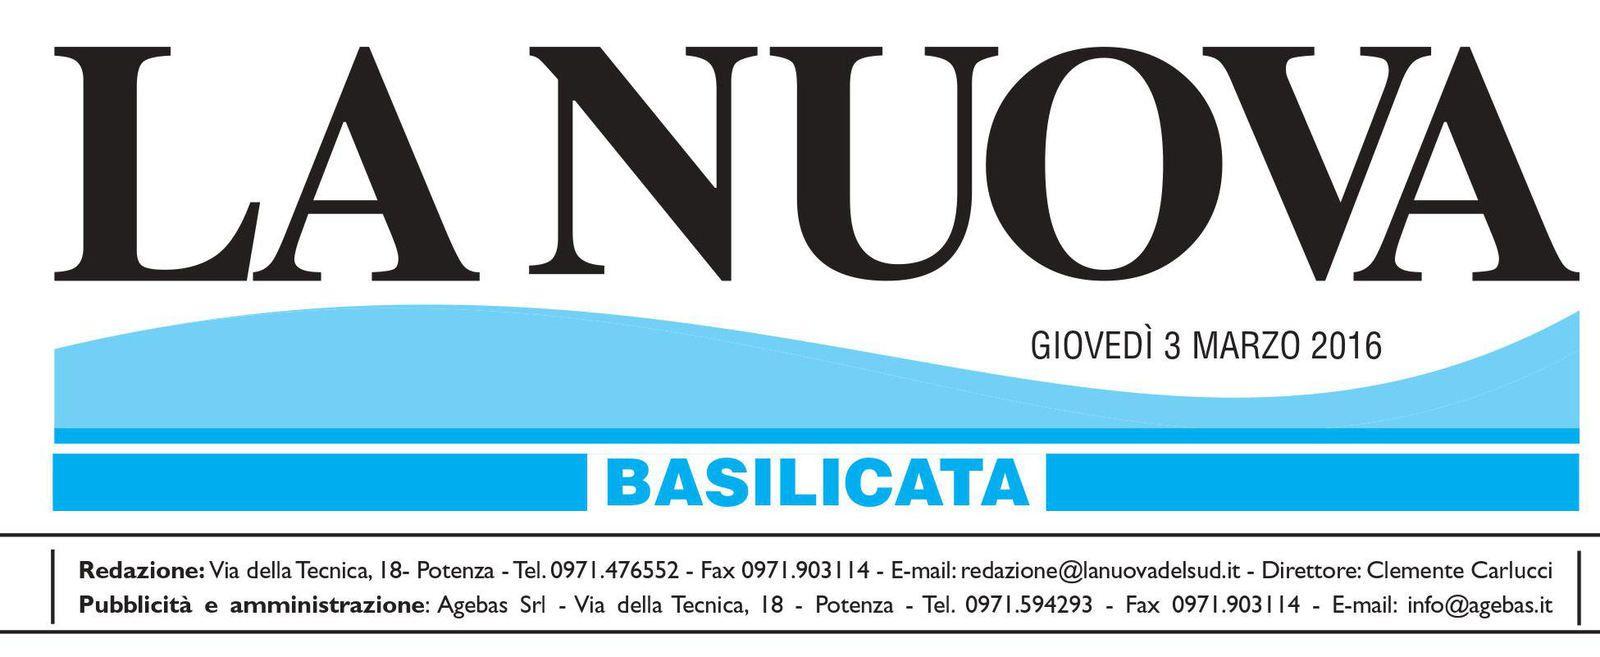 Nei vari incontri propagandistici, si parli anche della relazione della Direzione Annuale Antimafia riferibile alla Basilicata.